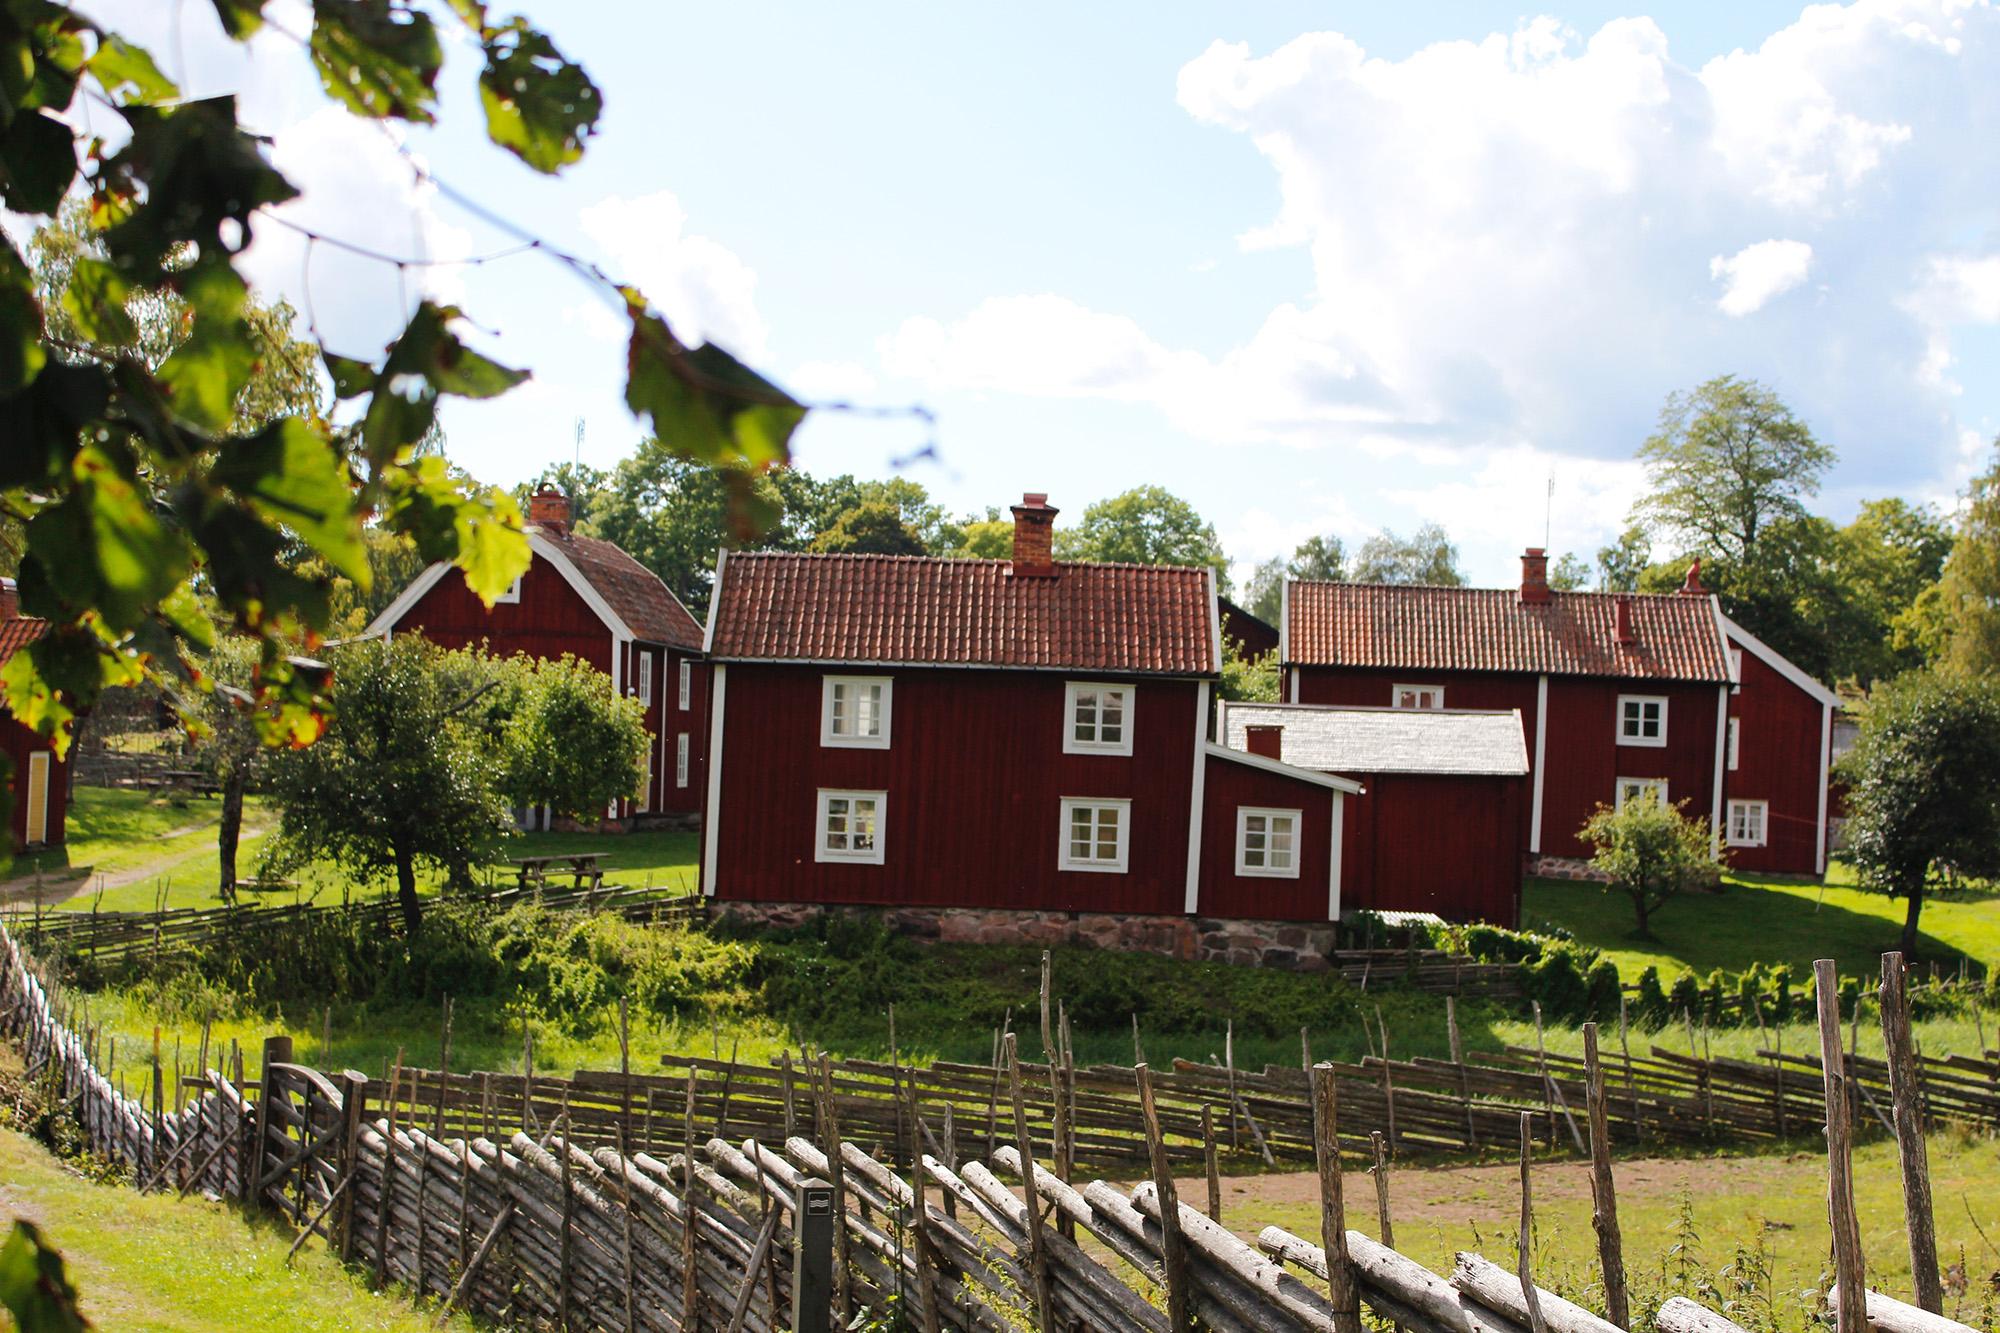 Stensj Village - First Camp